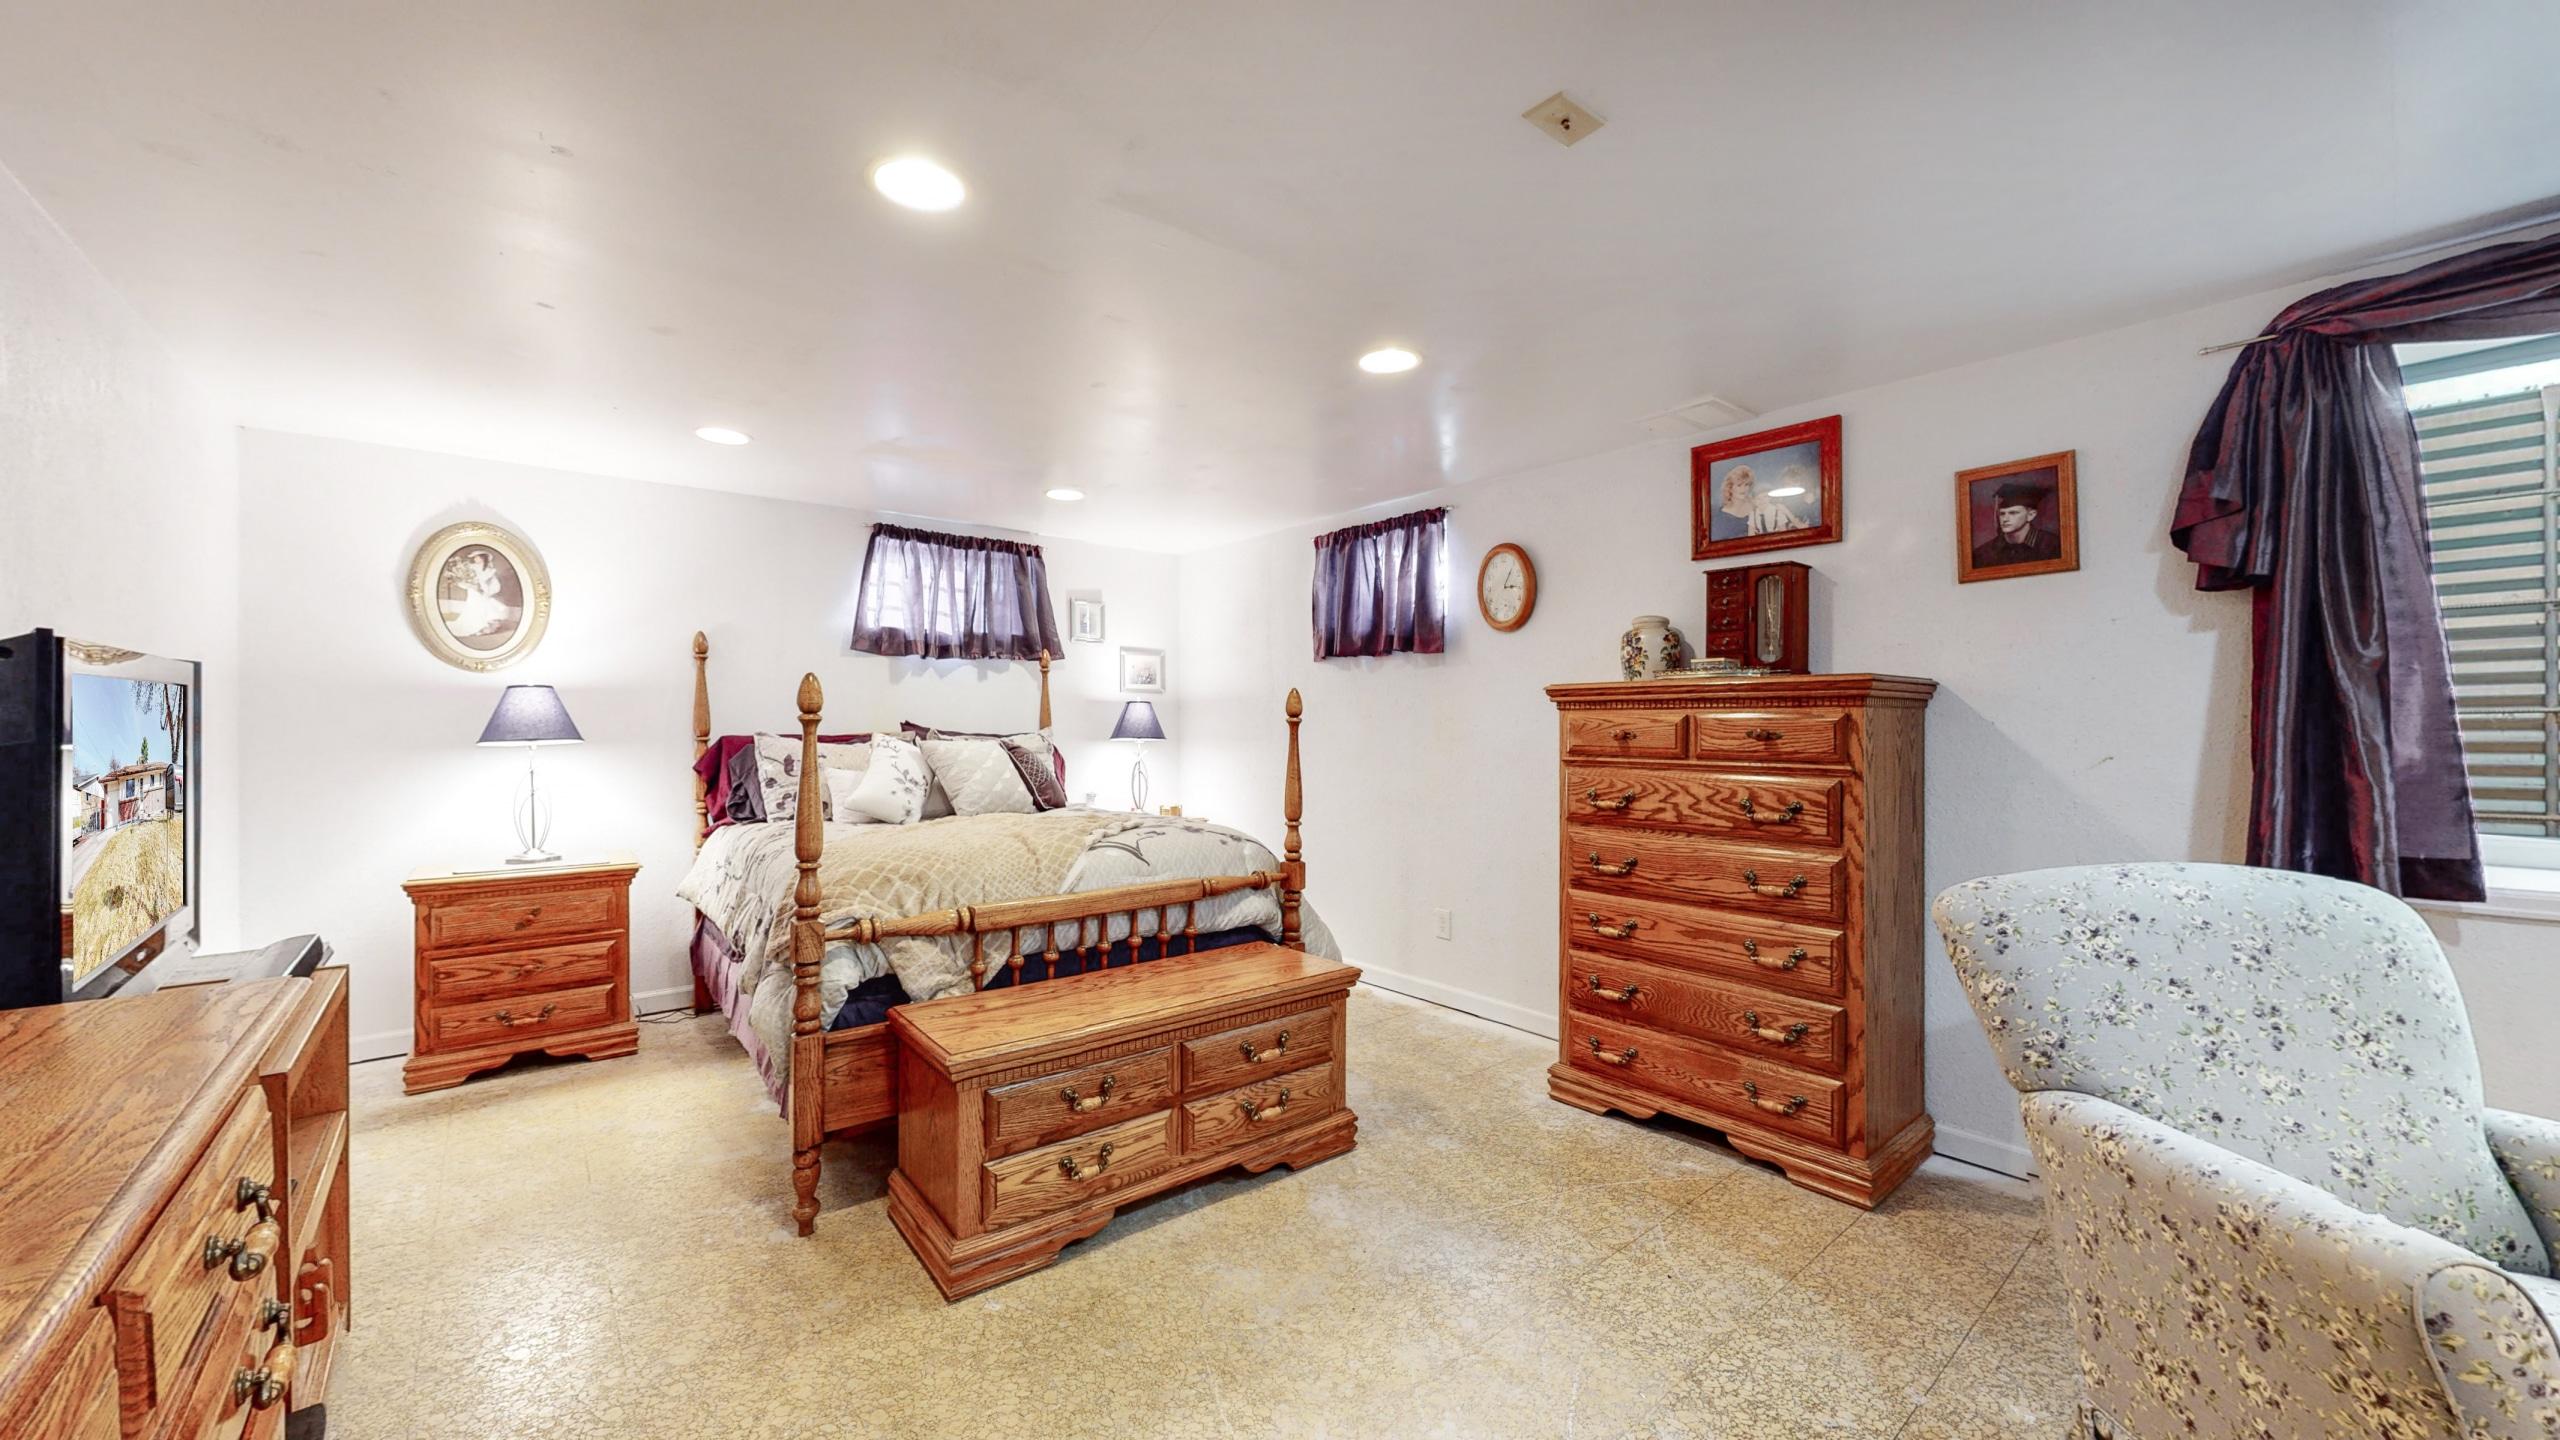 Arvada Home For Sale, Basement Master Bedroom, Huge Room, Lots of Furniture